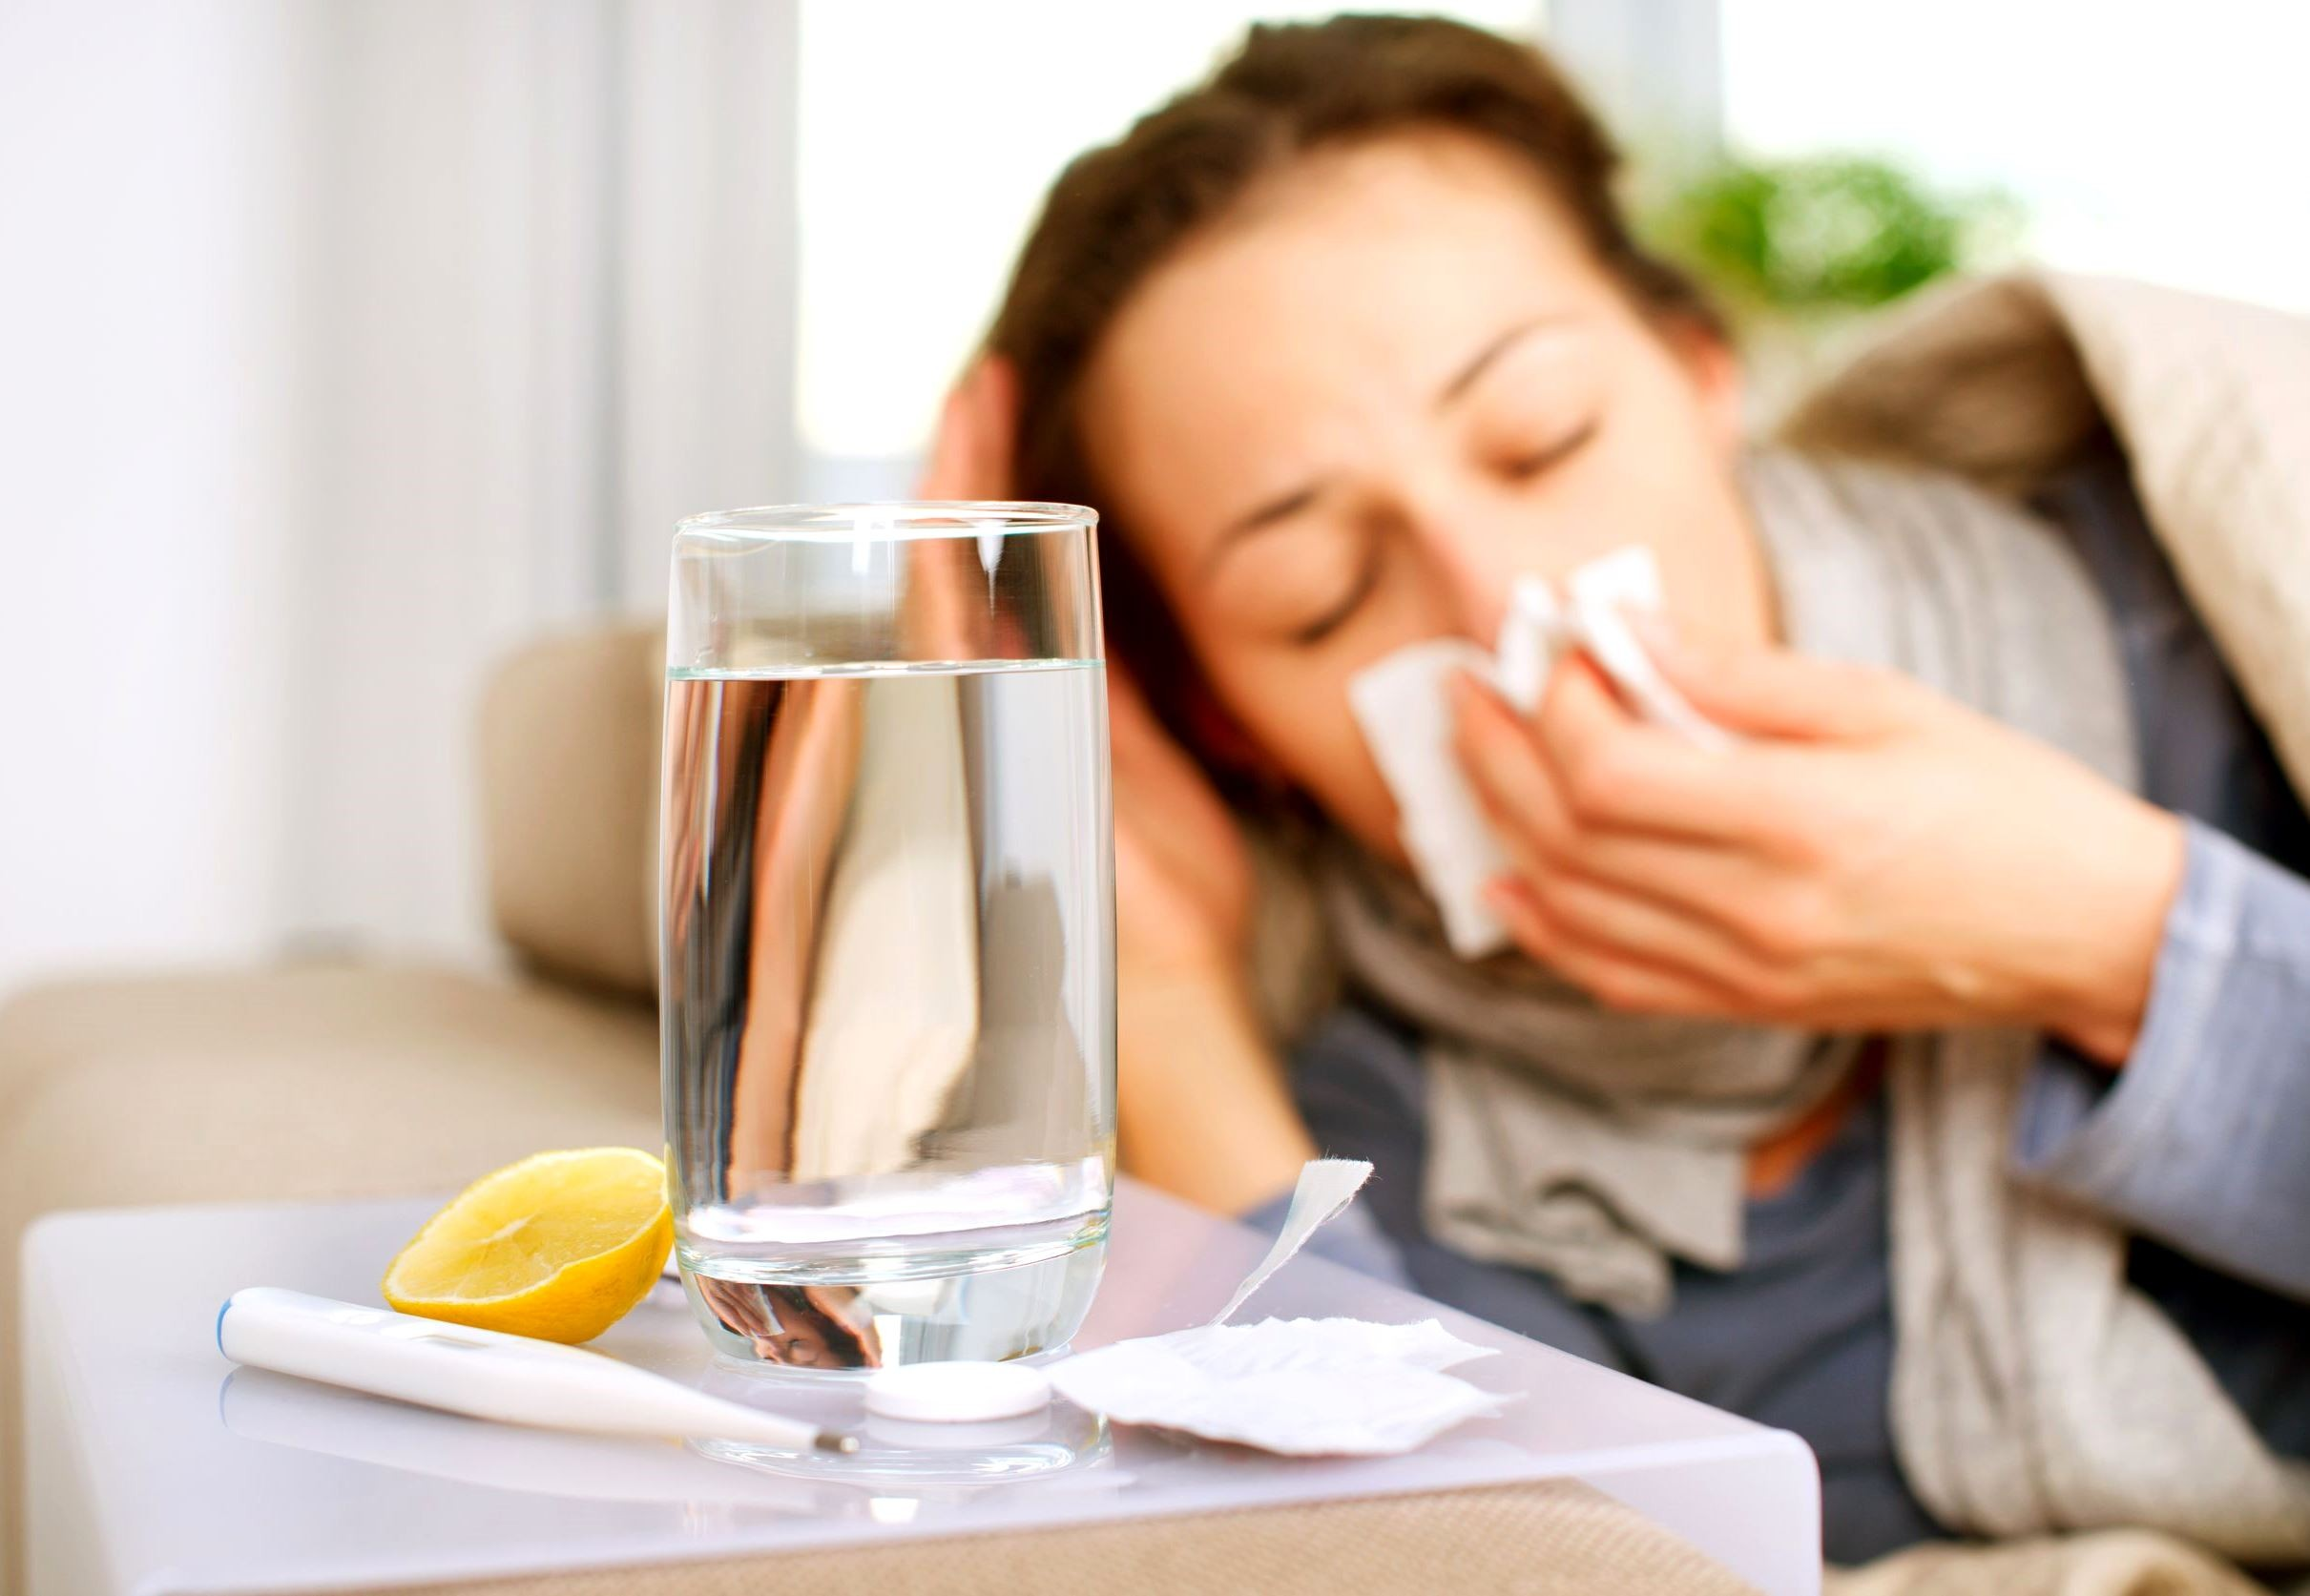 насморк аллергия или простуда как определить